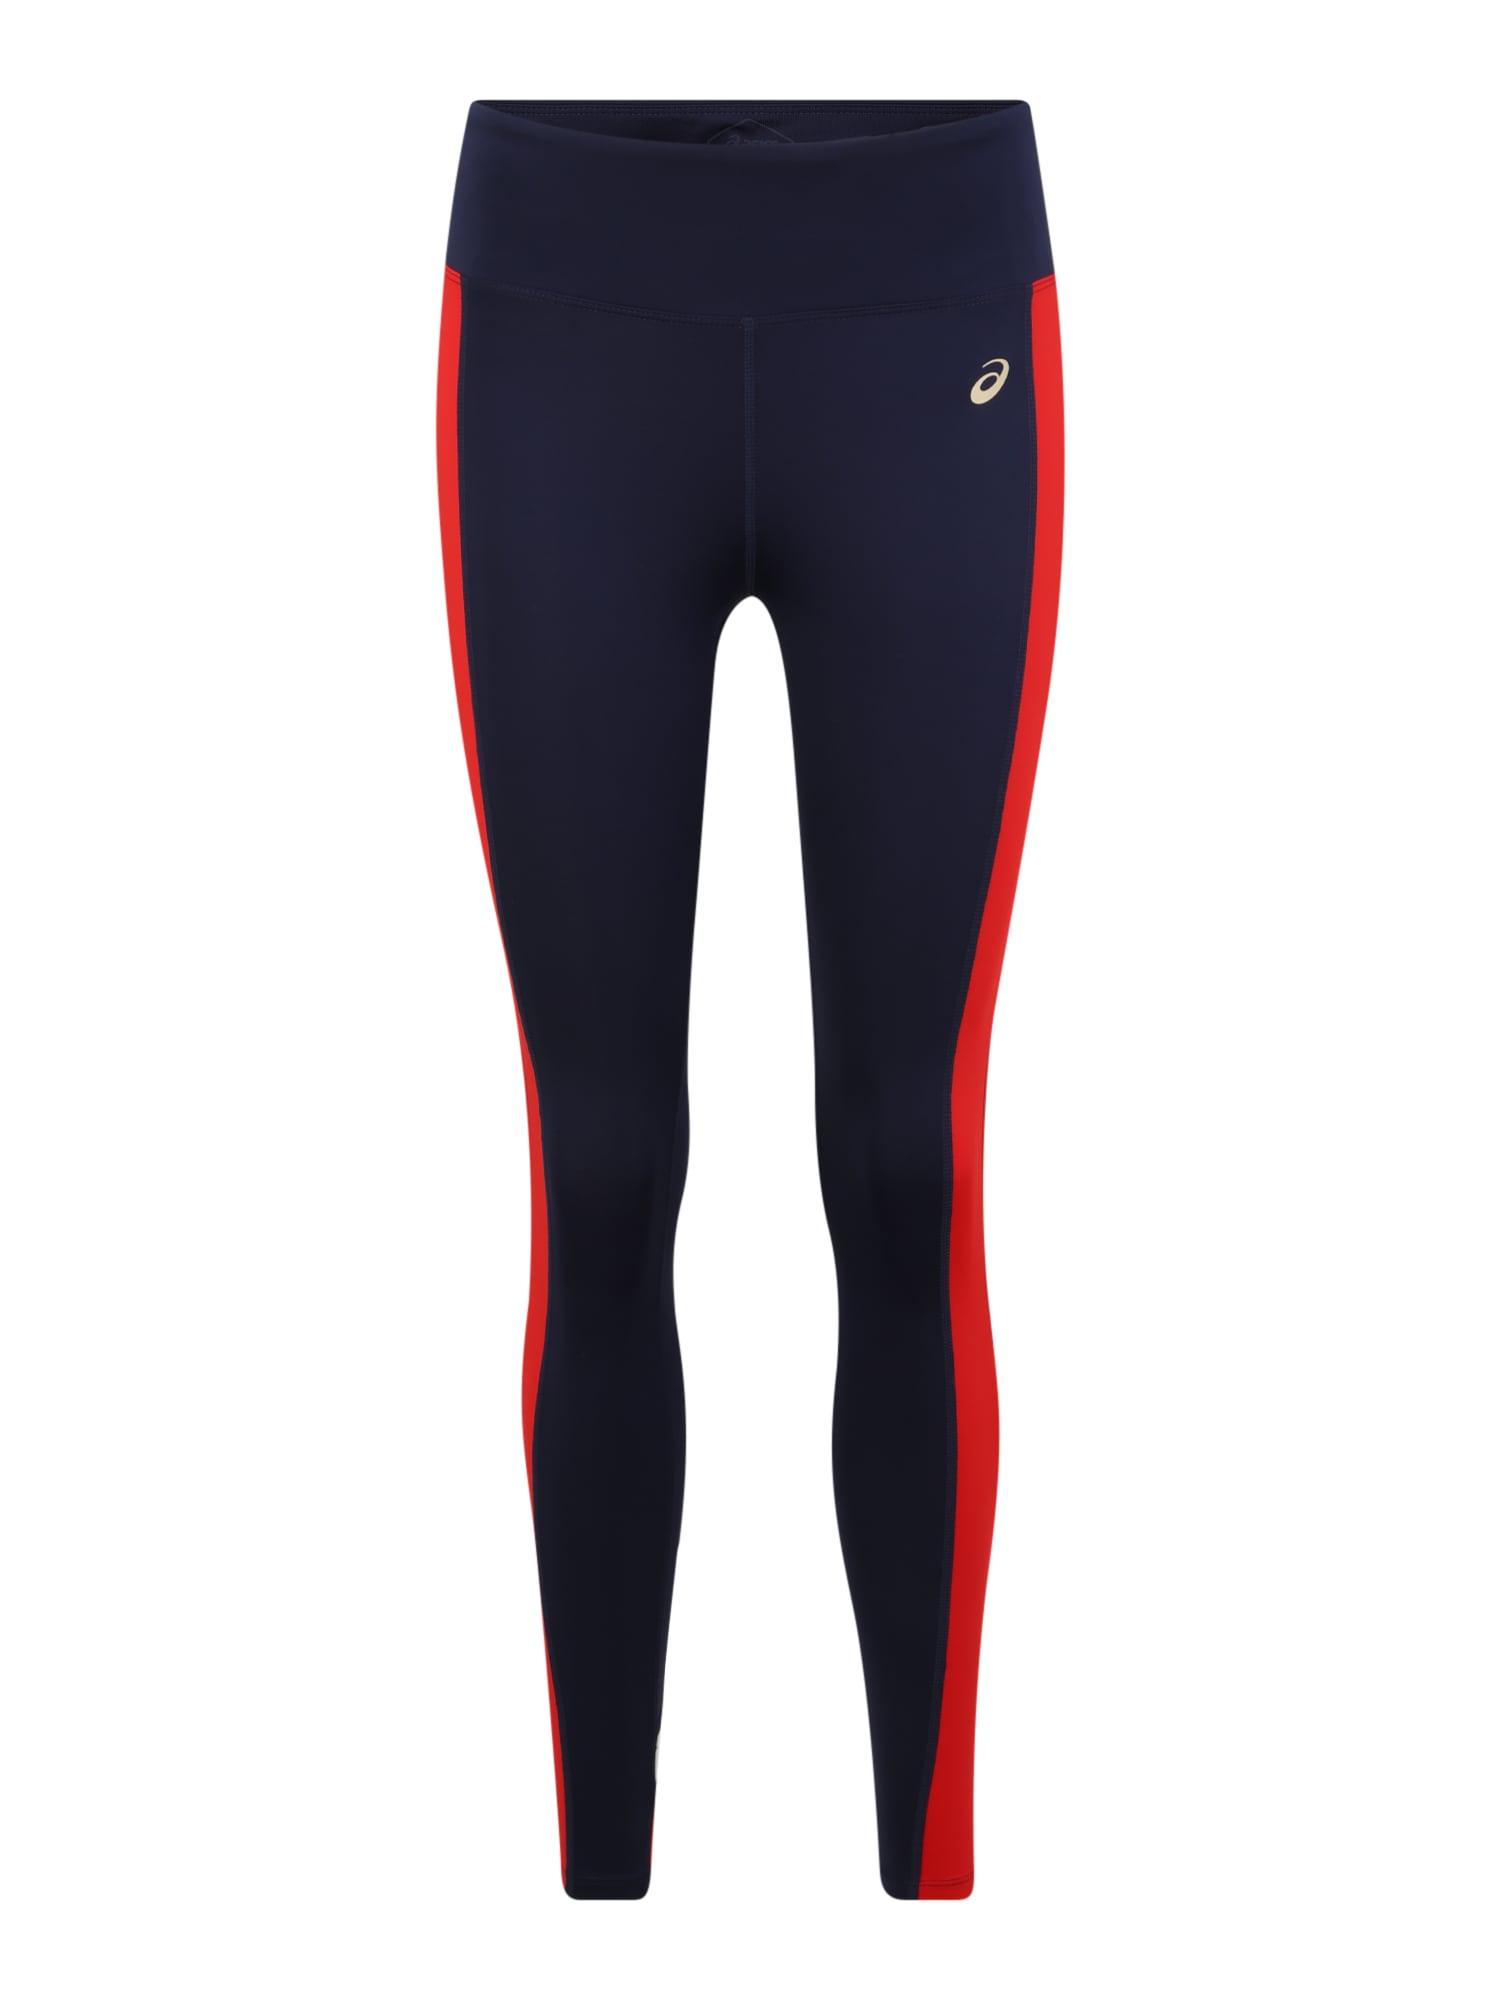 ASICS Sportinės kelnės 'W TOKYO TRAIN TIGHT' balta / raudona / tamsiai mėlyna